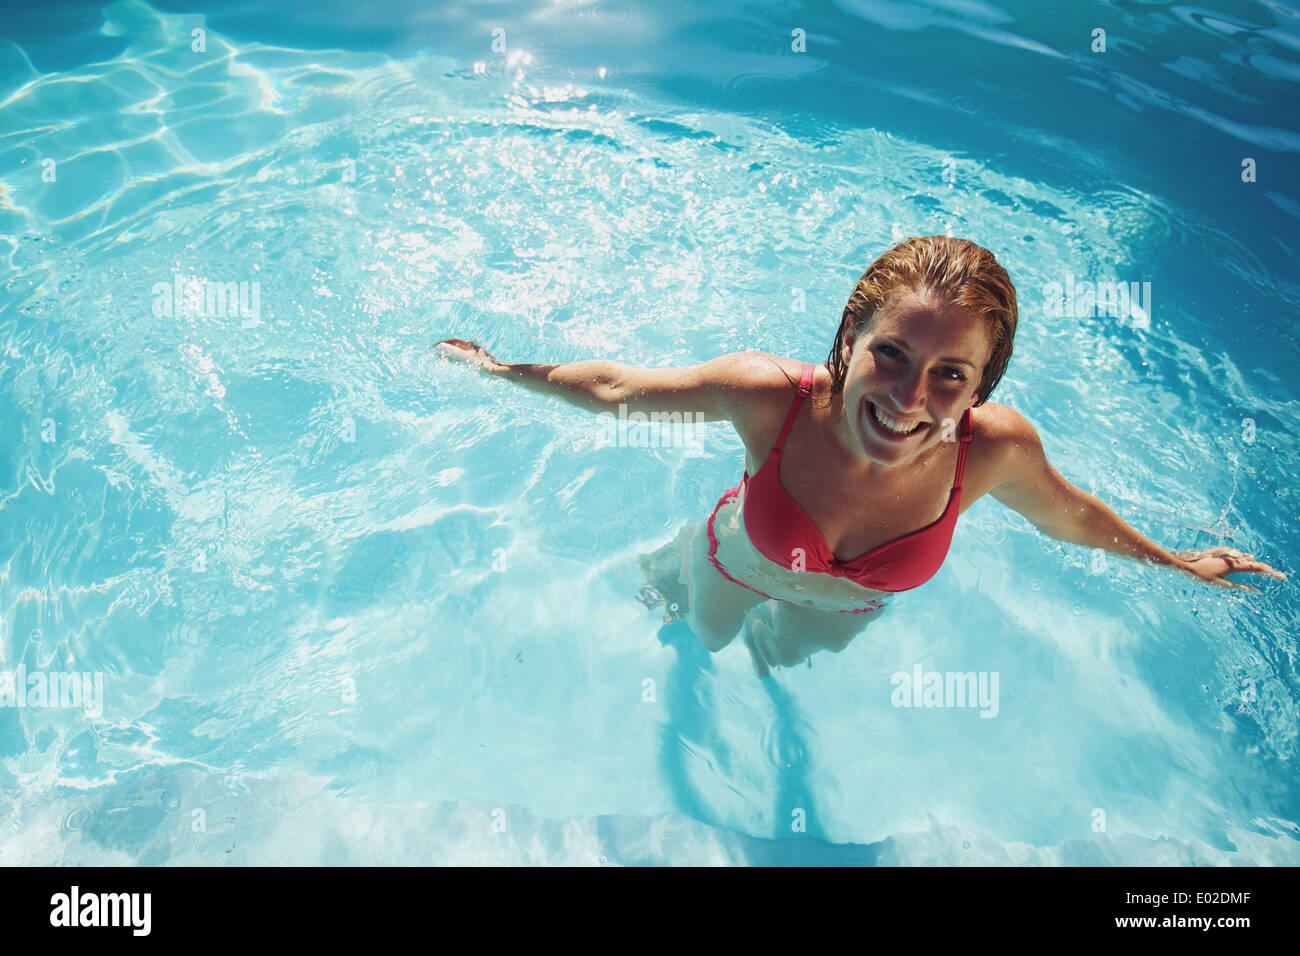 Feliz joven relajándose en la piscina. Sonriente joven mujer vistiendo trajes de baño en la piscina de Imagen De Stock